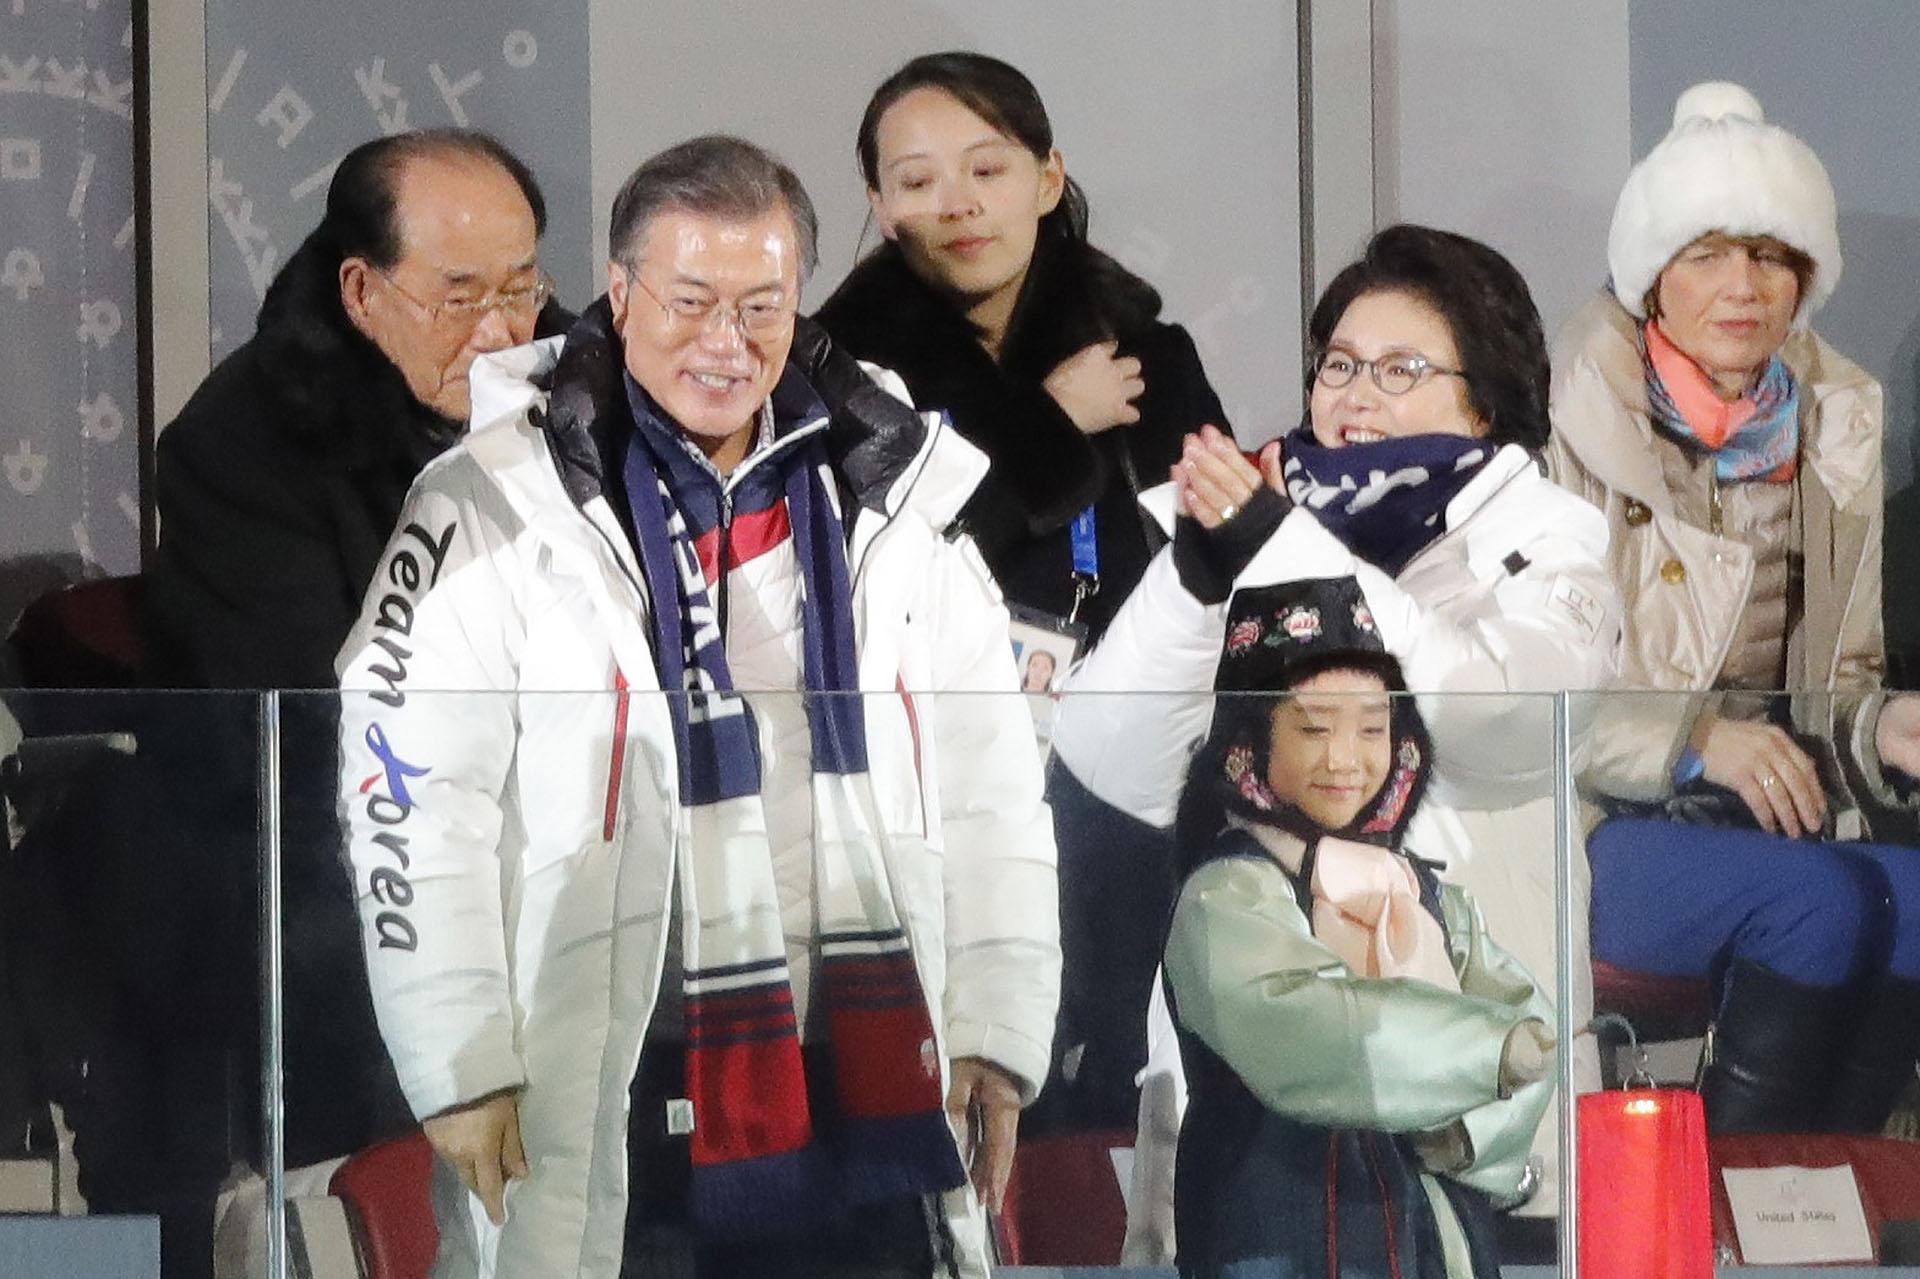 Moon Jae-in sonríe, rodeado de su esposa, Kim Jung-sook (aplaude a su lado) y Kim Yo-Jong, hermana de Kim Jong-un. Detrás suyo, el jefe de la delegación norcoreana, Kim Yong-nam